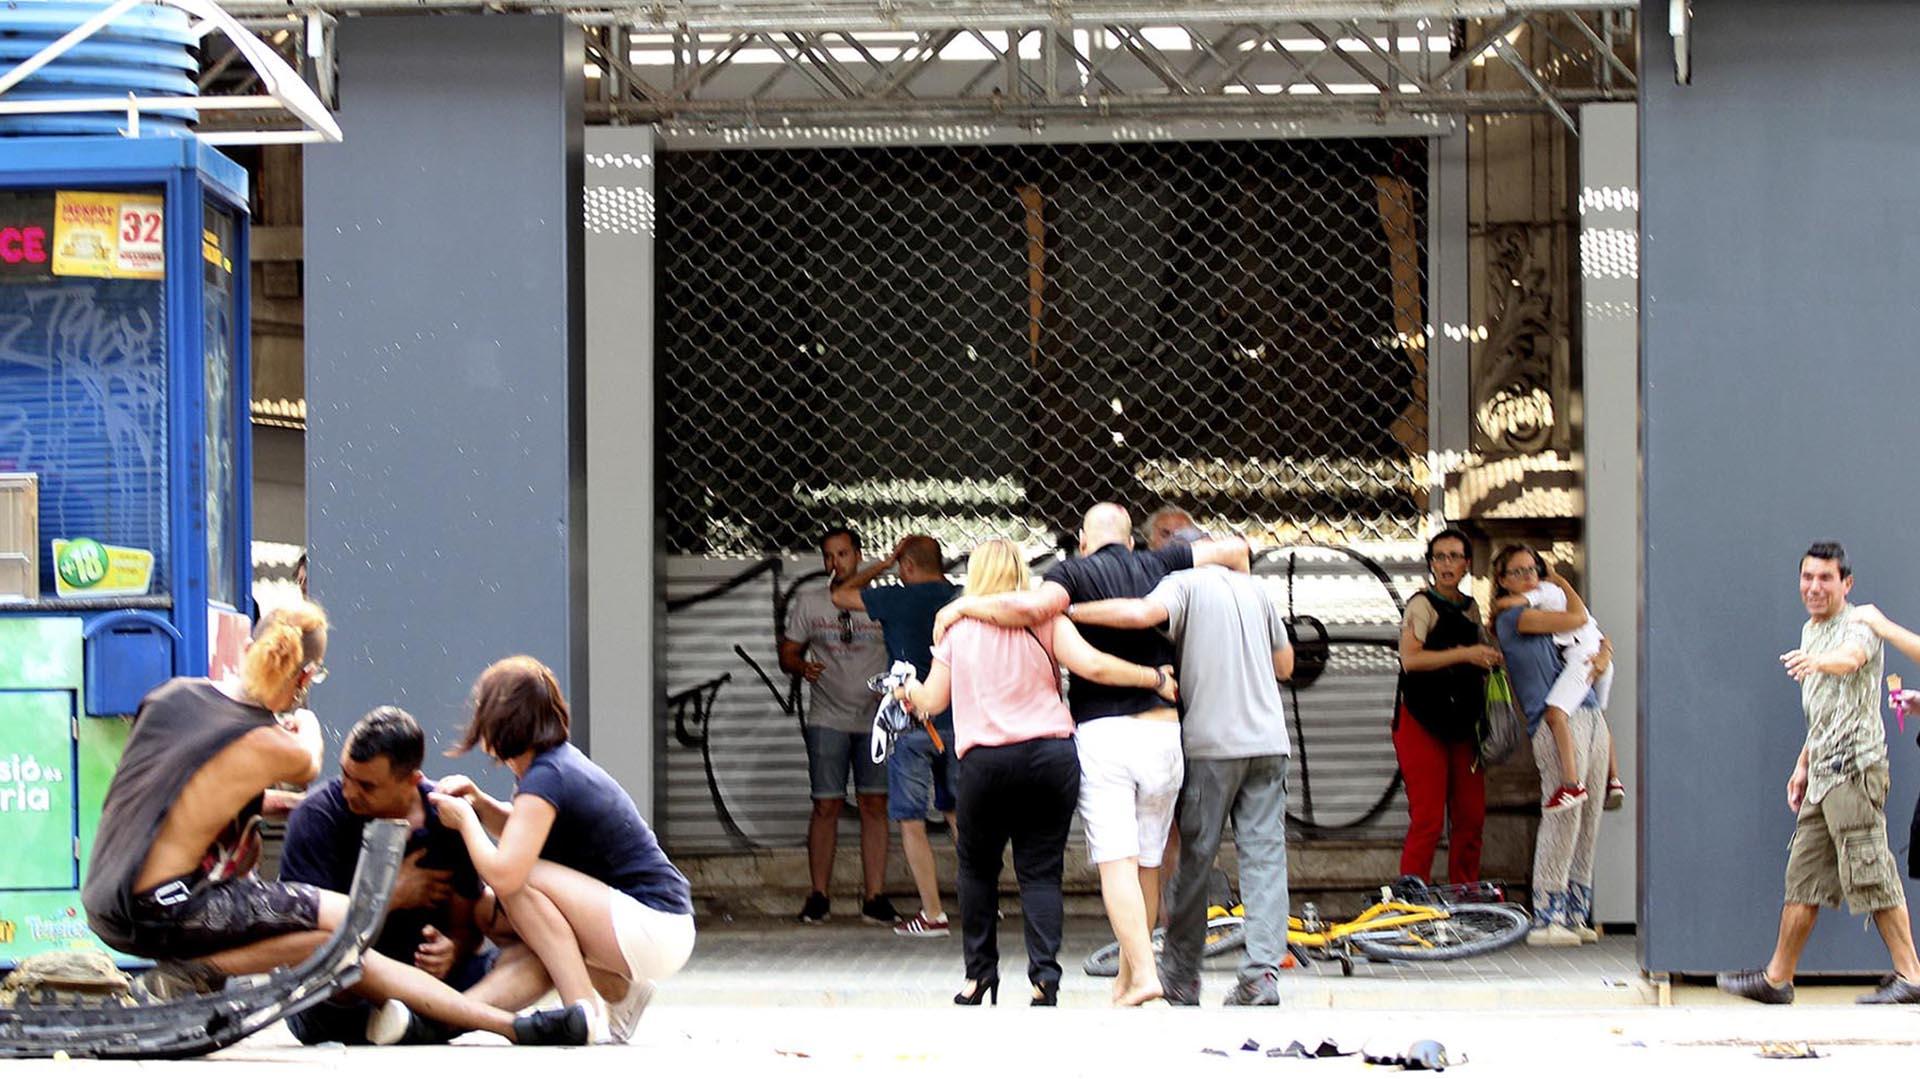 Muchas personas son atendidas por los equipos de salud de la ciudad (EFE)